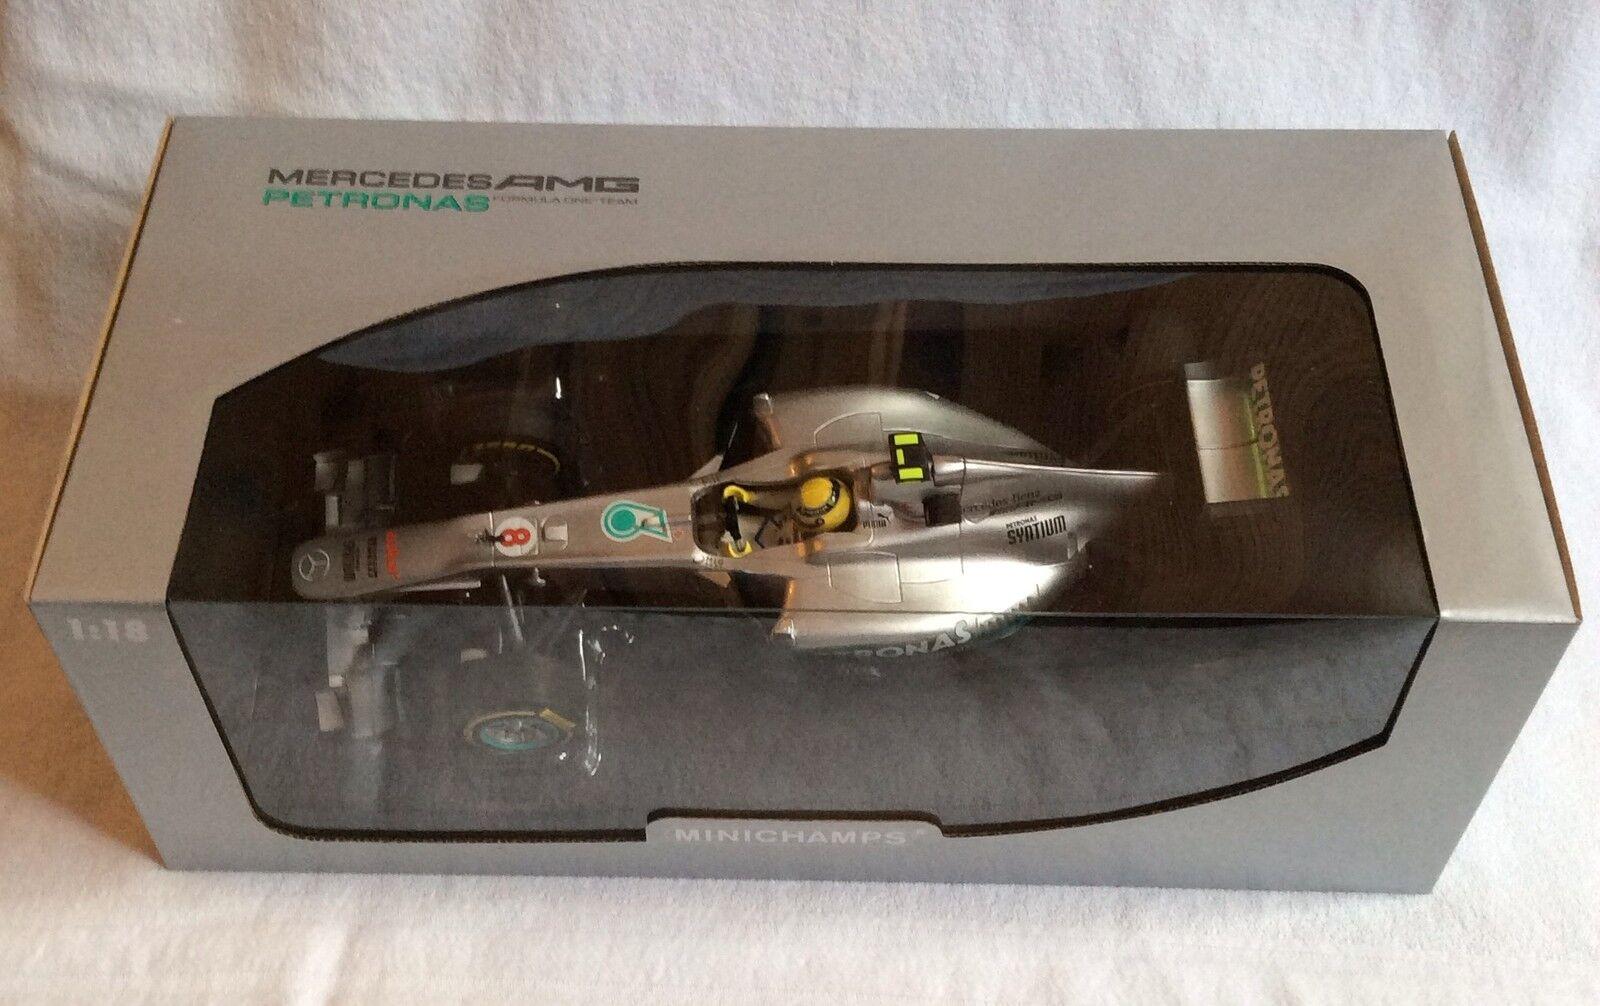 MINICHAMPS échelle 1.18 Mercedes AMG F1 Team Nico Rosberg car 2012. | Approvisionnement Suffisant Et Une Livraison Rapide